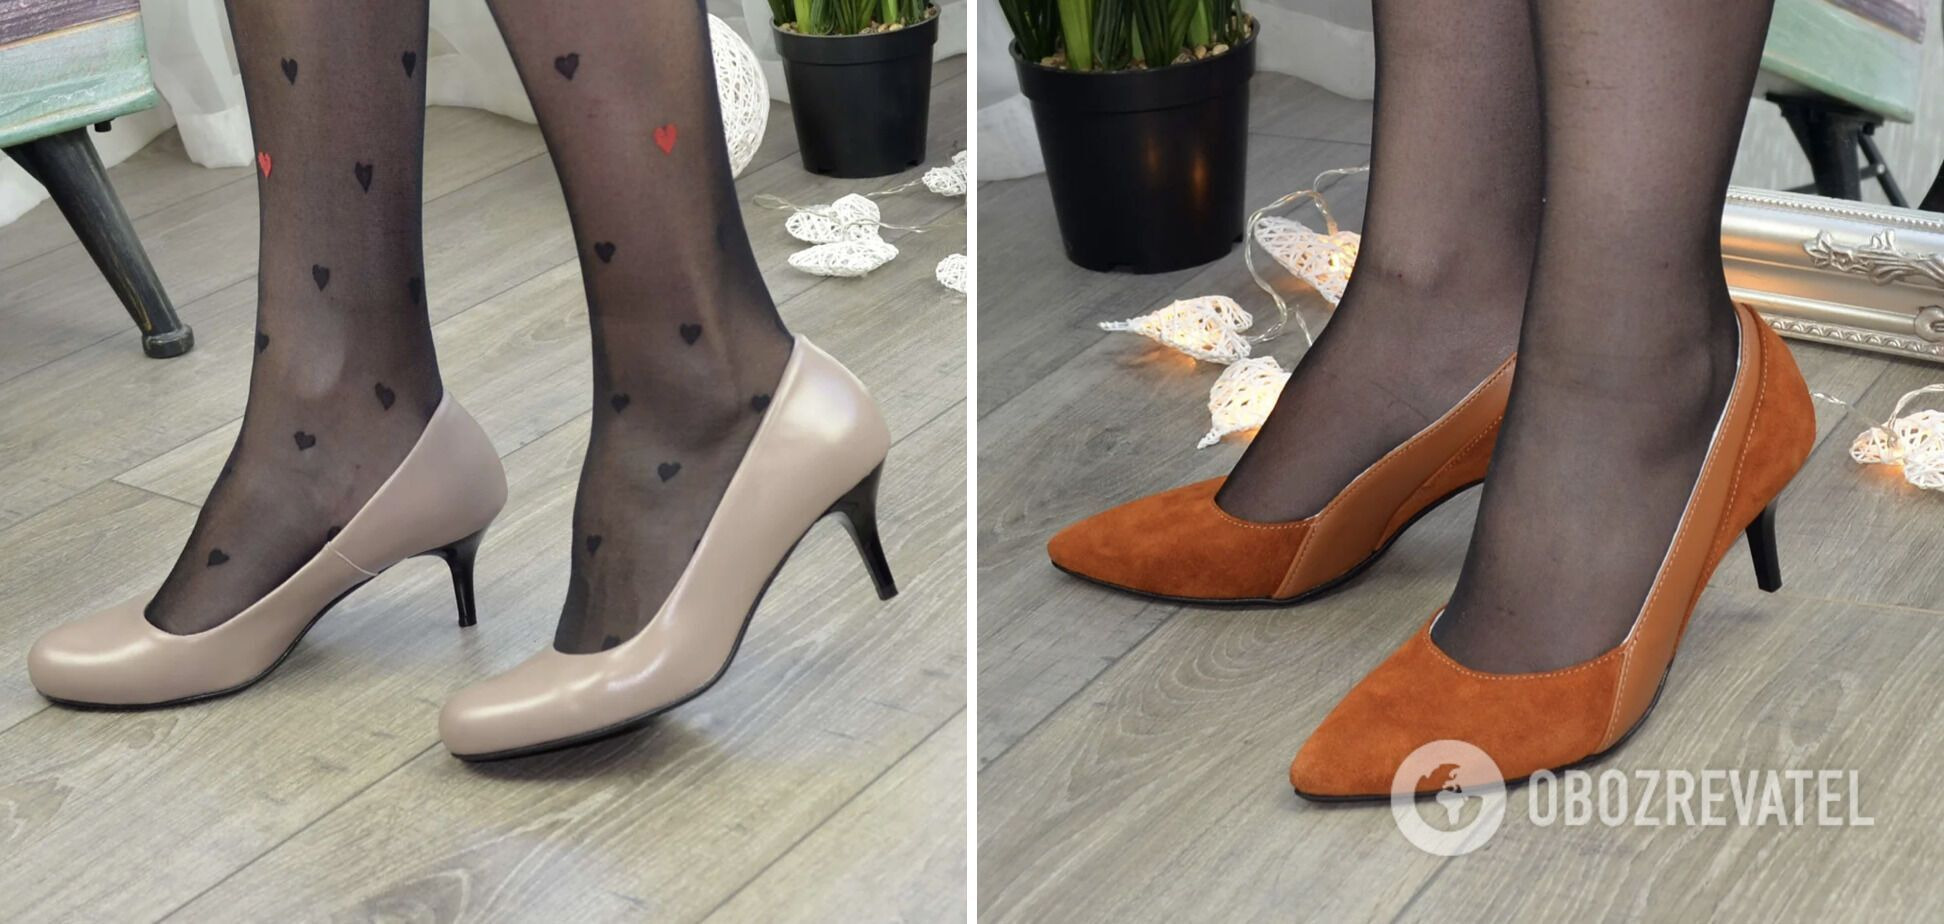 Туфли на маленькой шпильке не в моде.